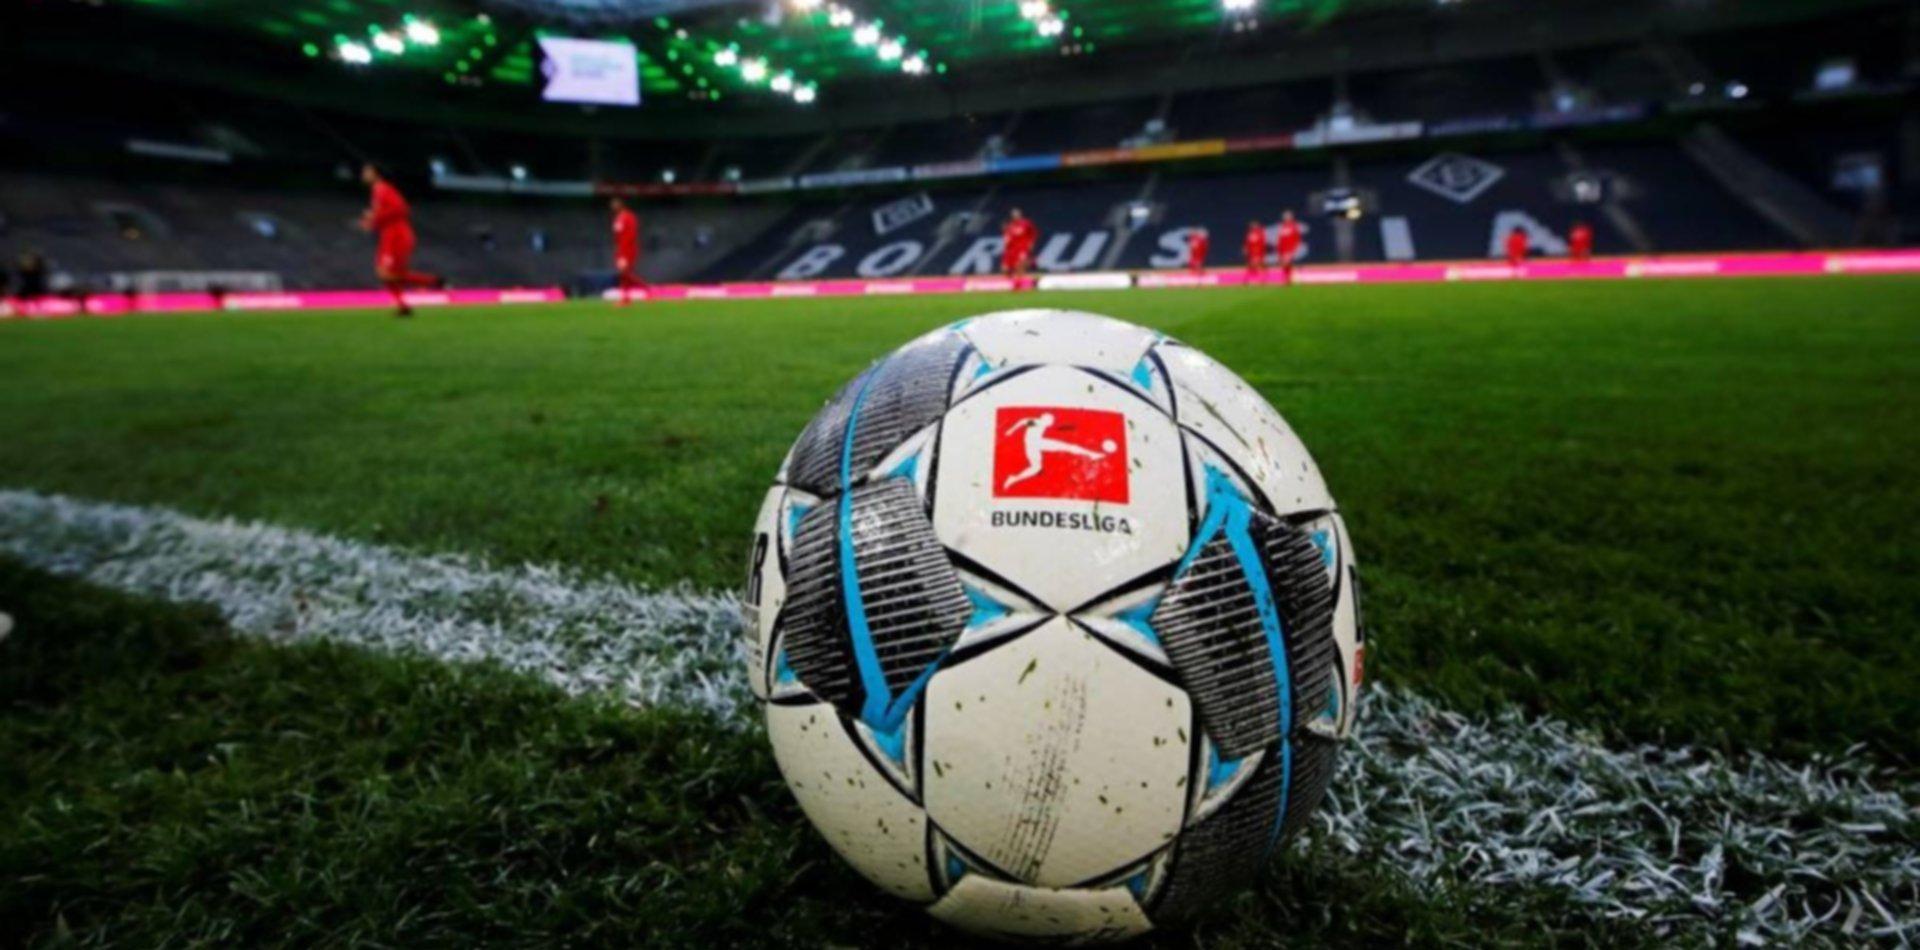 Con la presencia de Ascacibar este sábado vuelve el fútbol en Alemania